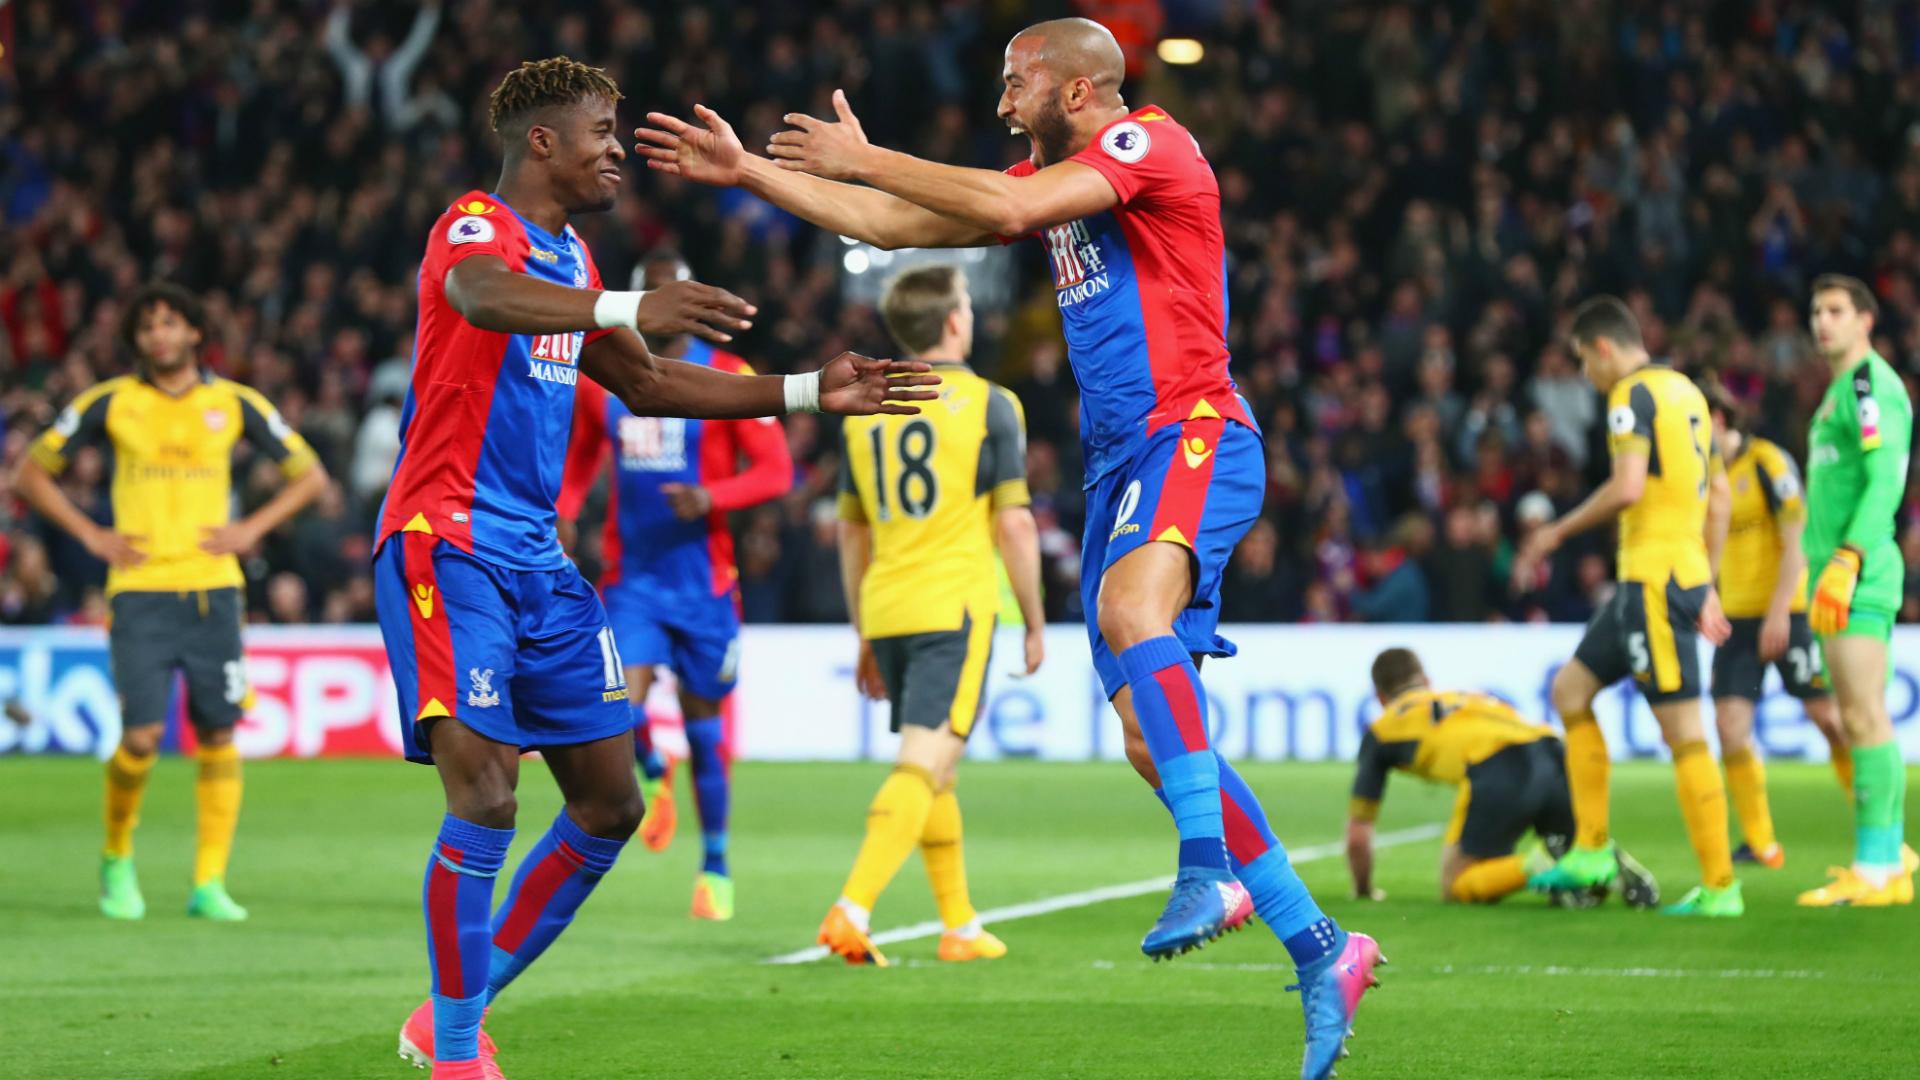 Arsenal es humillado por Crystal Palace